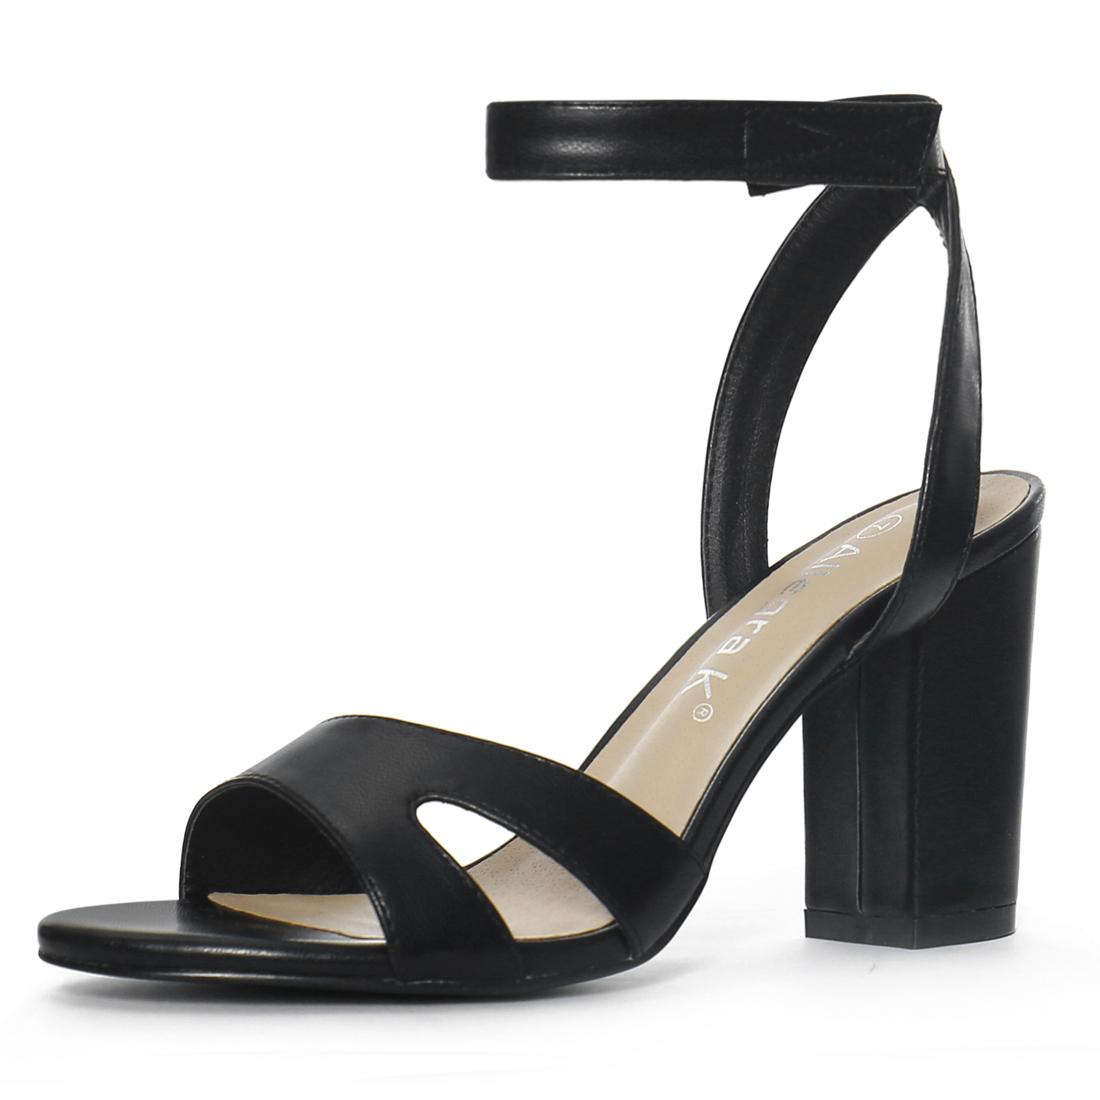 Women Open Toe Block High Heels Ankle Strap Sandals Black US 5.5